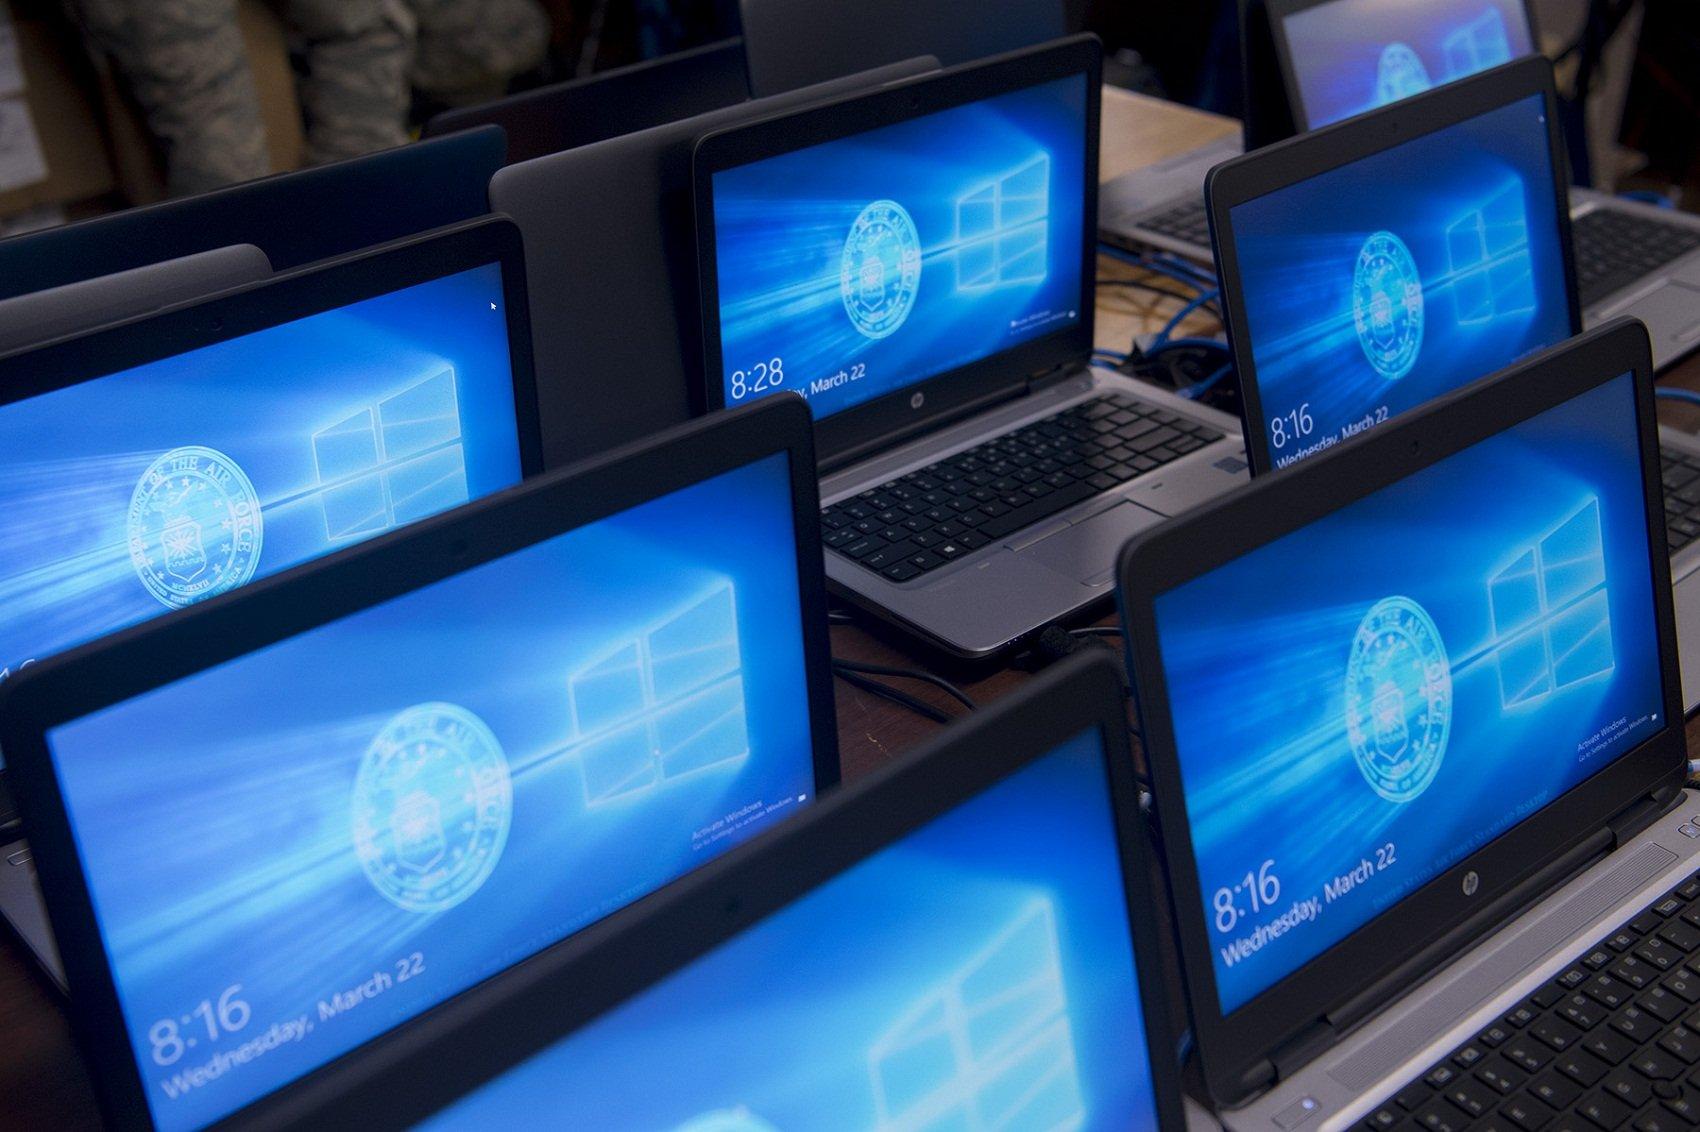 Microsoft приостановила обновление Windows из-за удаления файлов